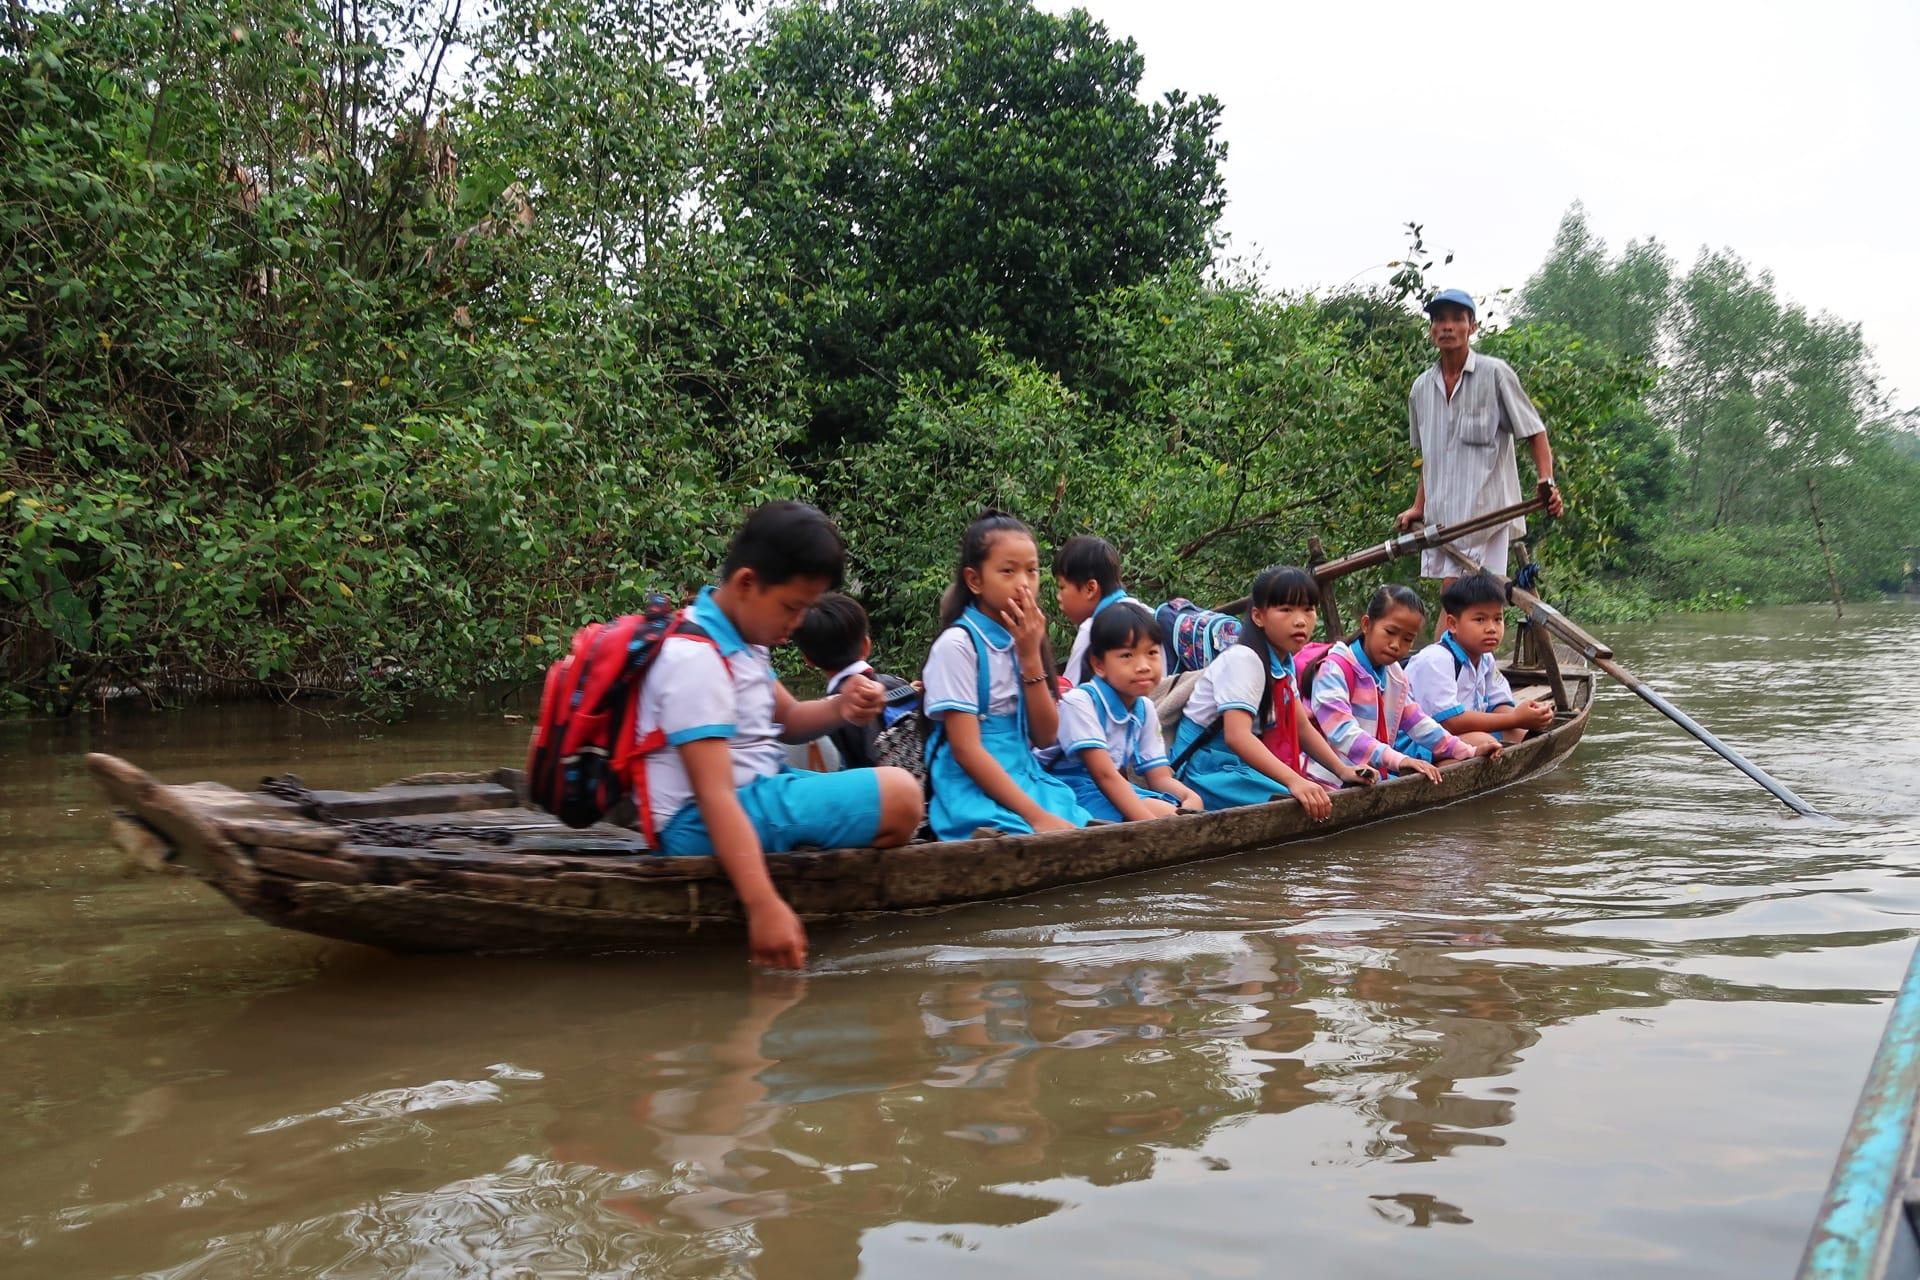 Skolebørn bliver sejlet i skole